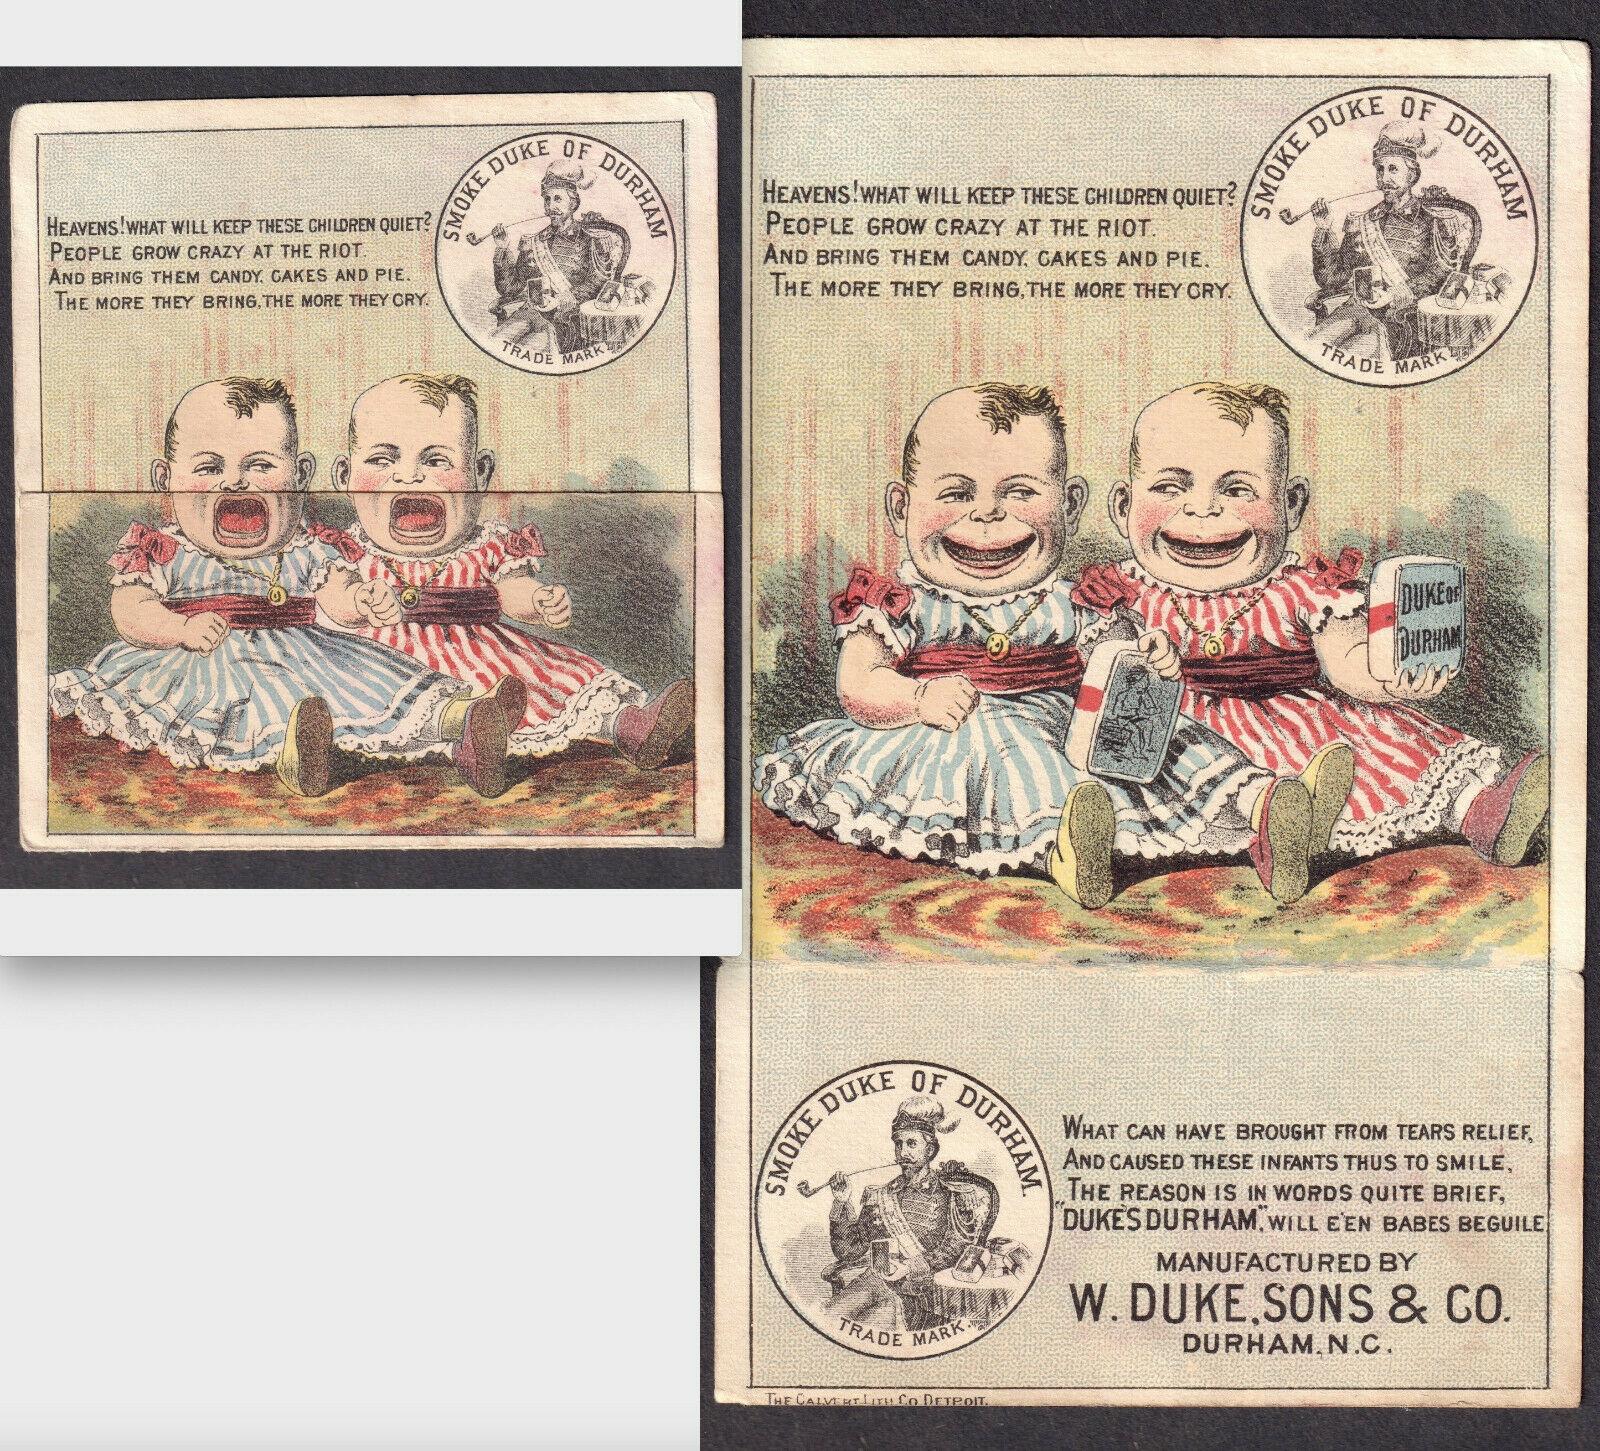 DukesDurham Tobacco